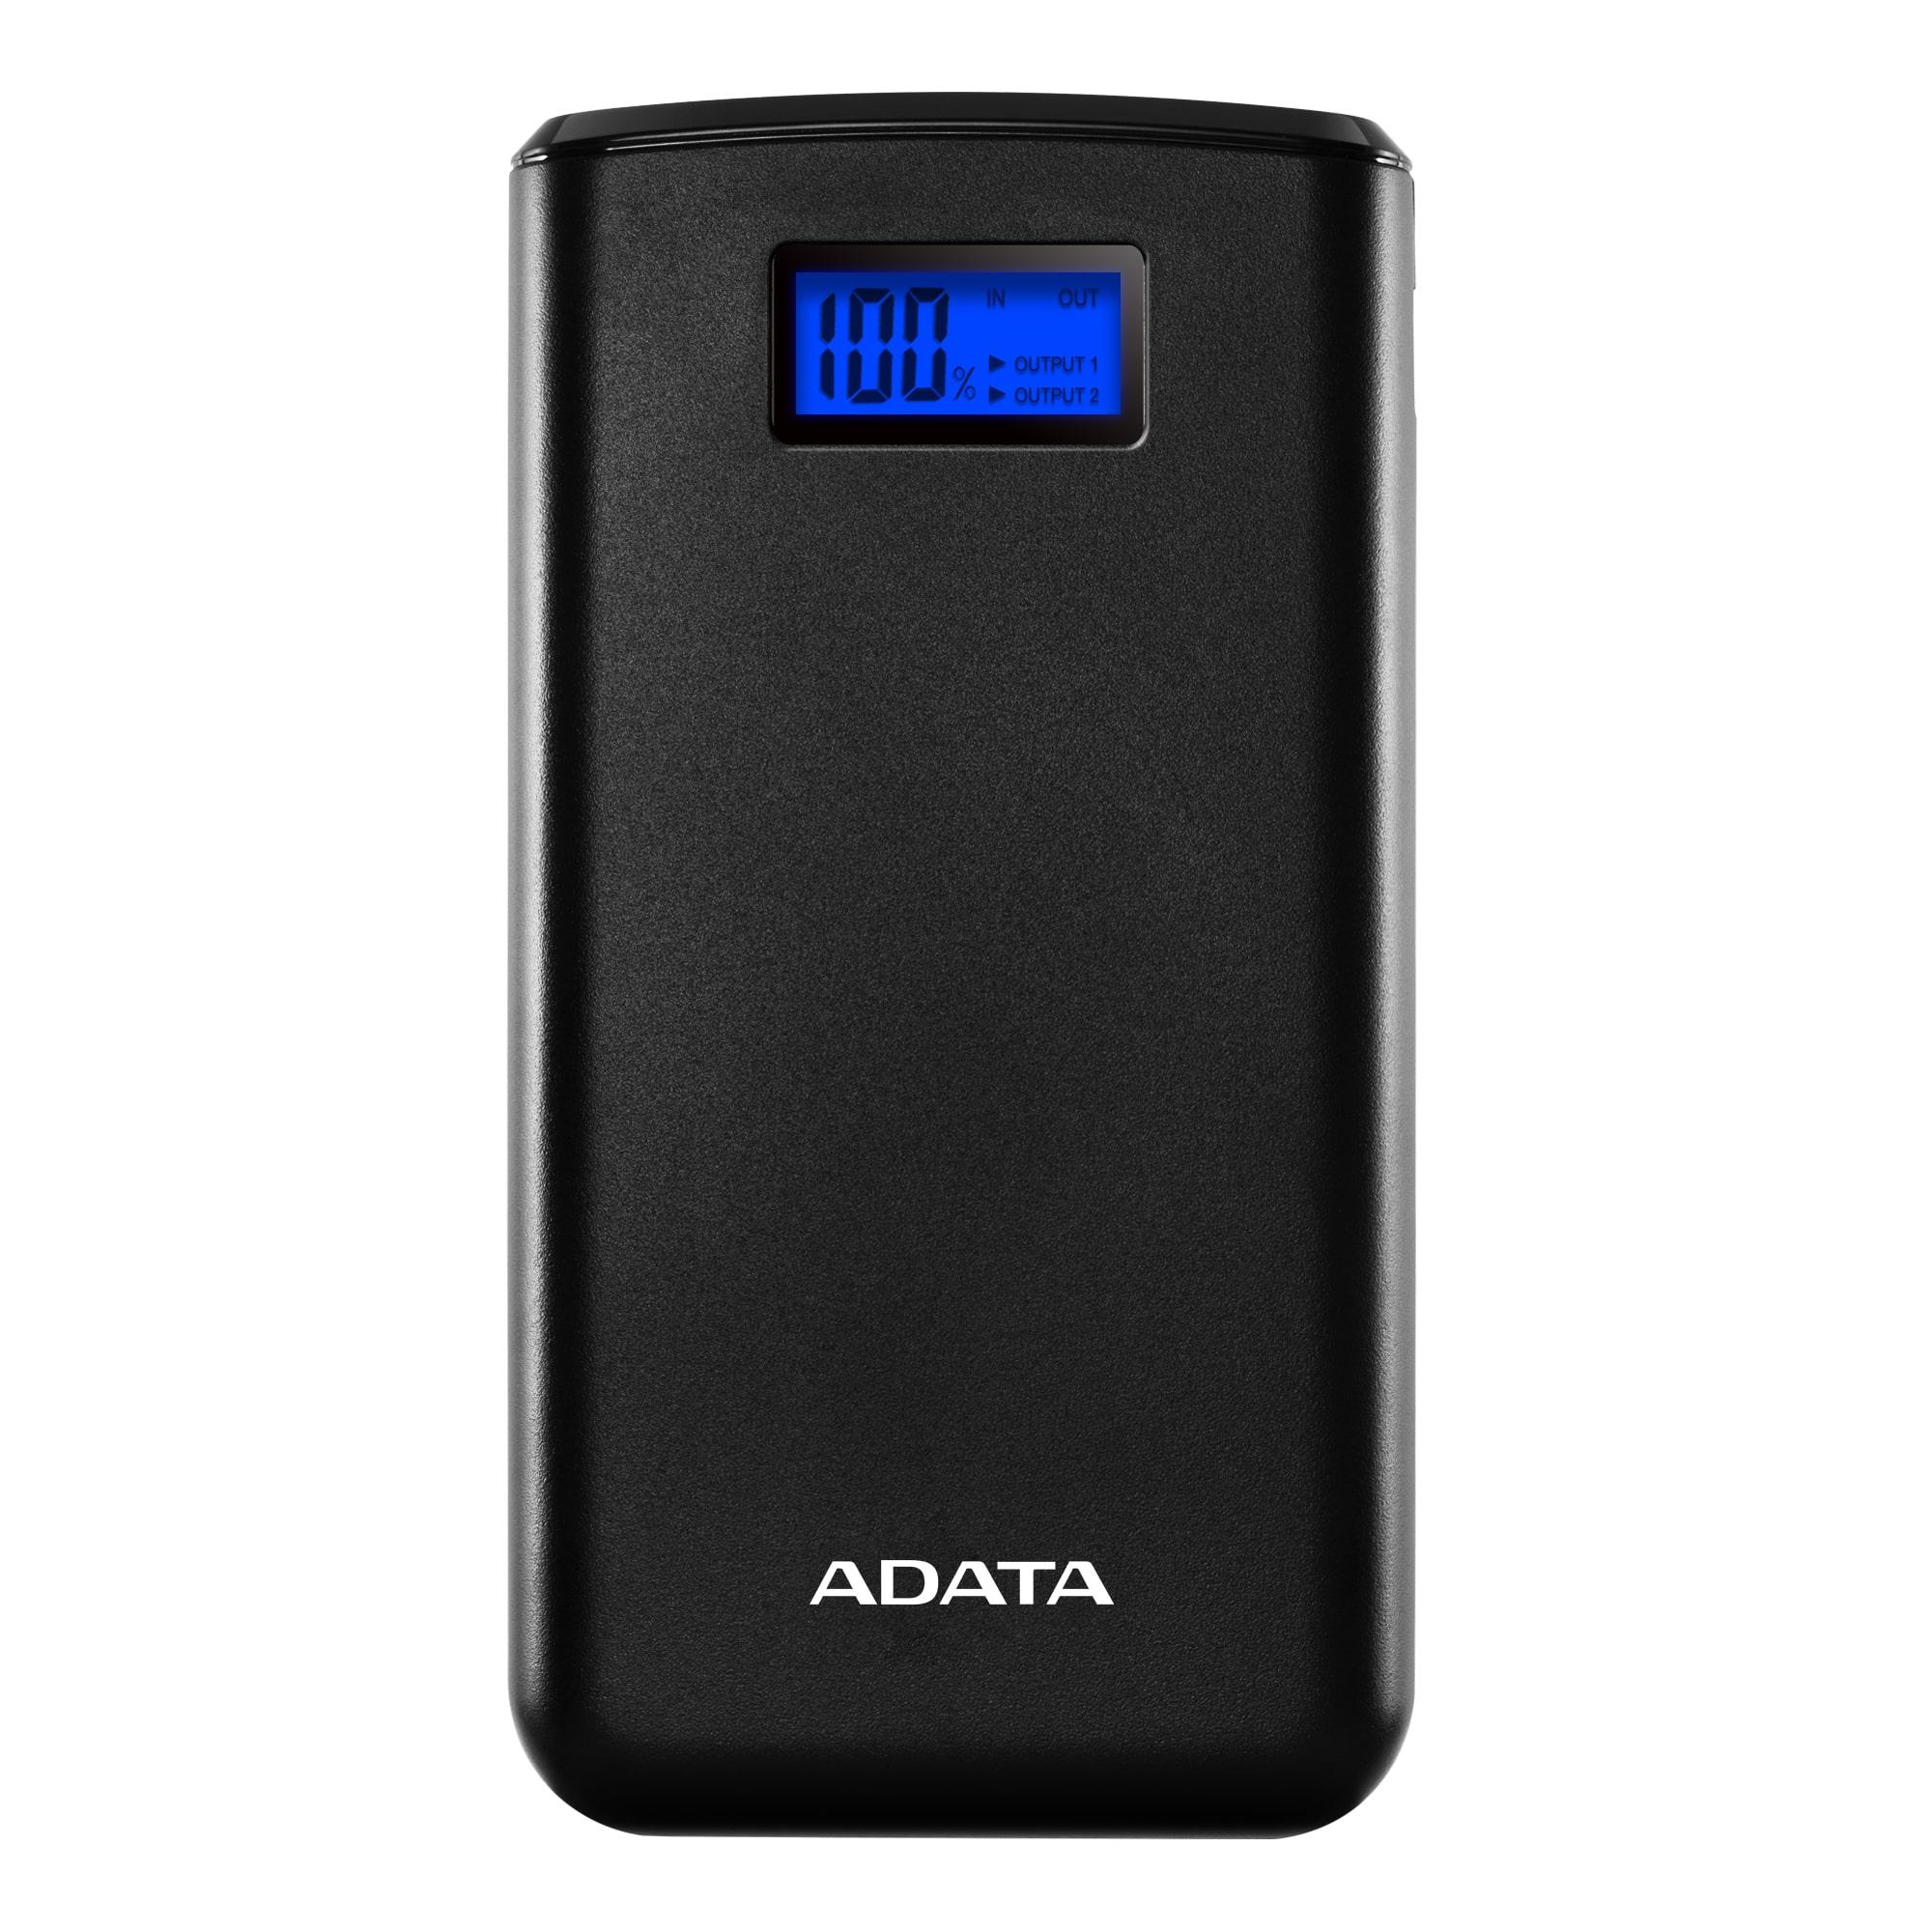 ADATA S20000D Power Bank 20000mAh černá, AS20000D-DGT-CBK